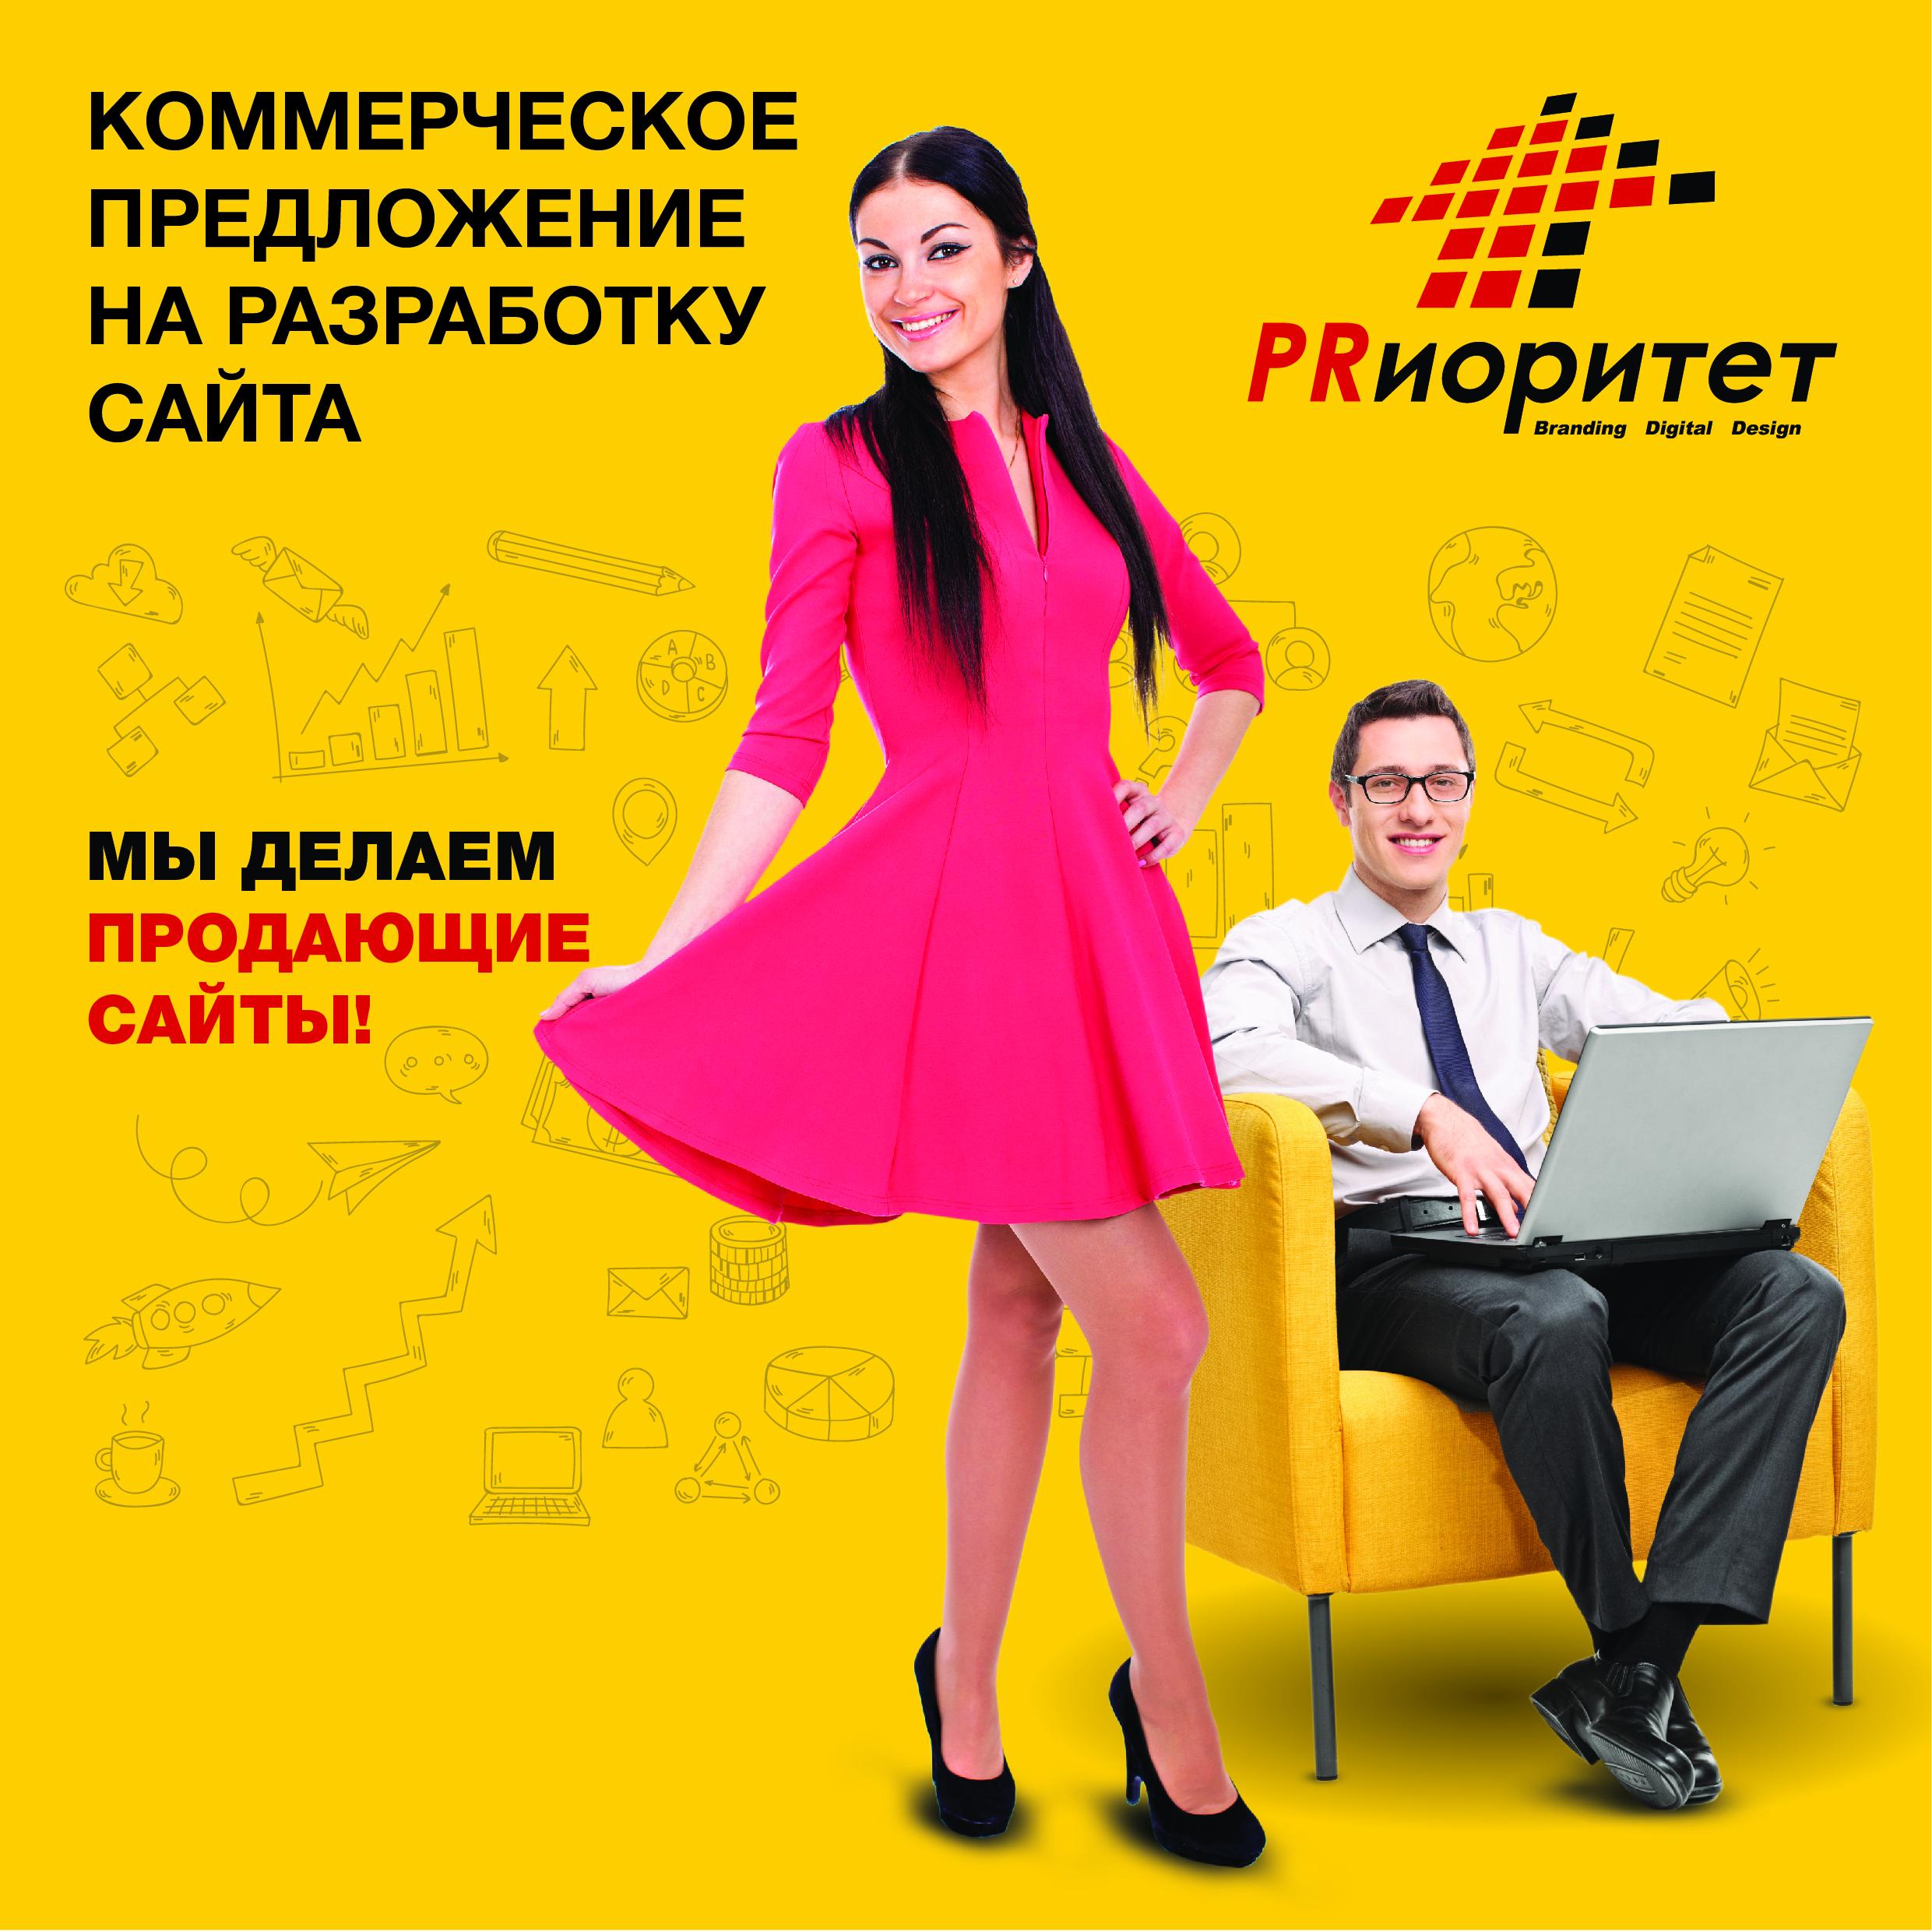 Многостраничное КП для PRиоритет